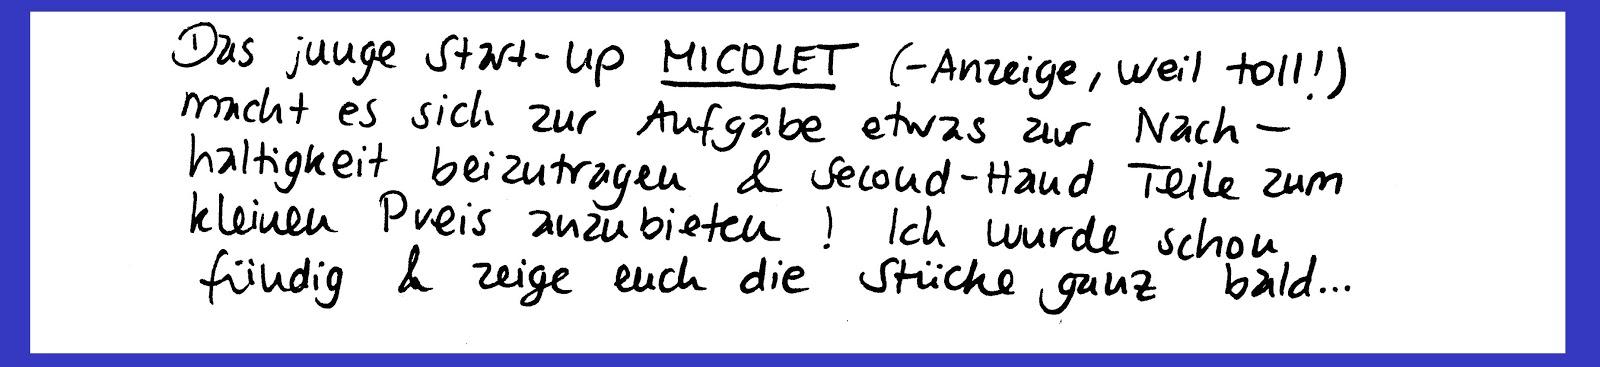 https://www.micolet.de/